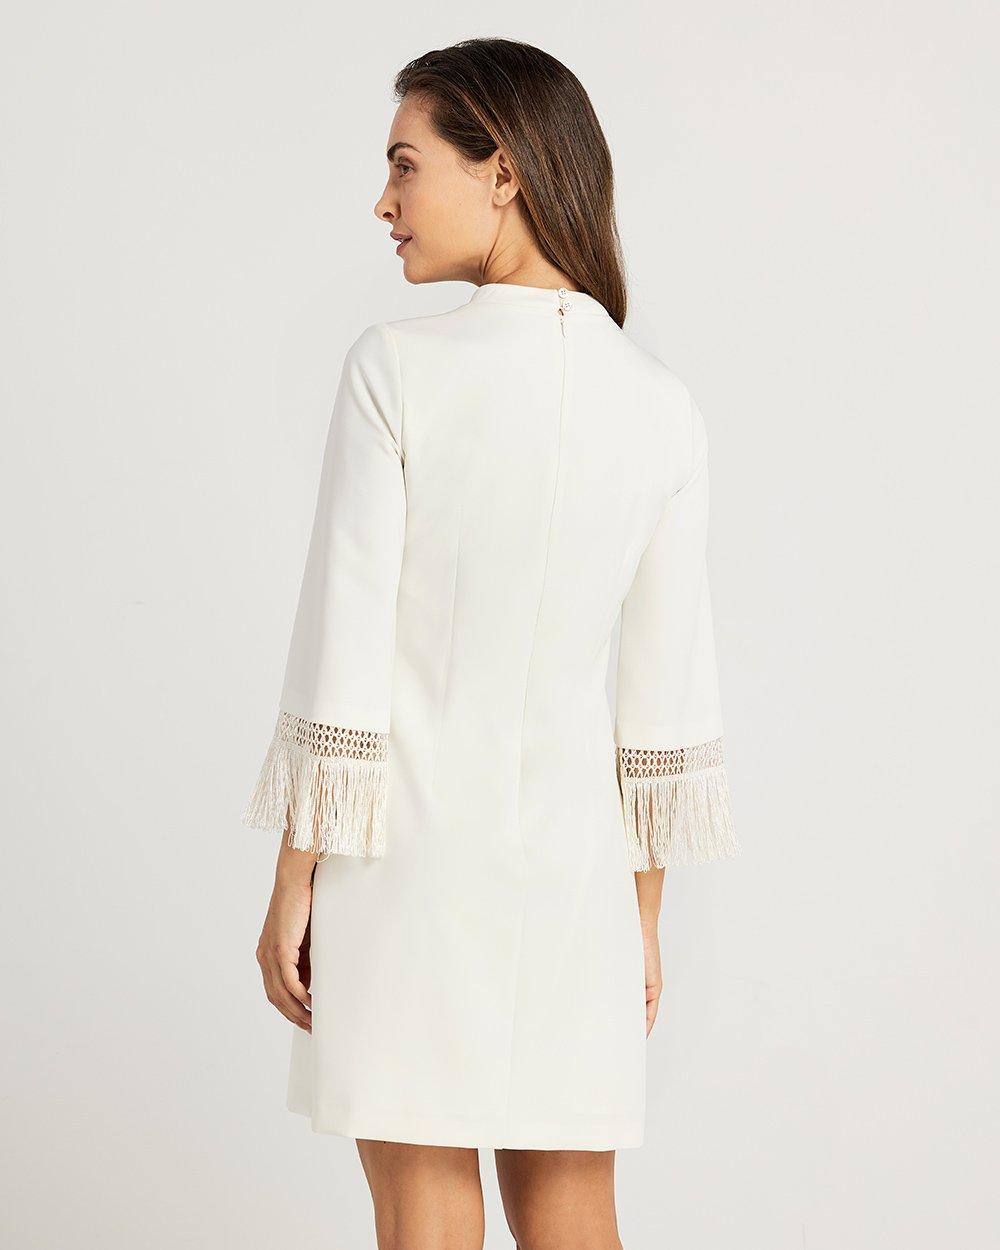 Φόρεμα με κρόσια στα μανίκια